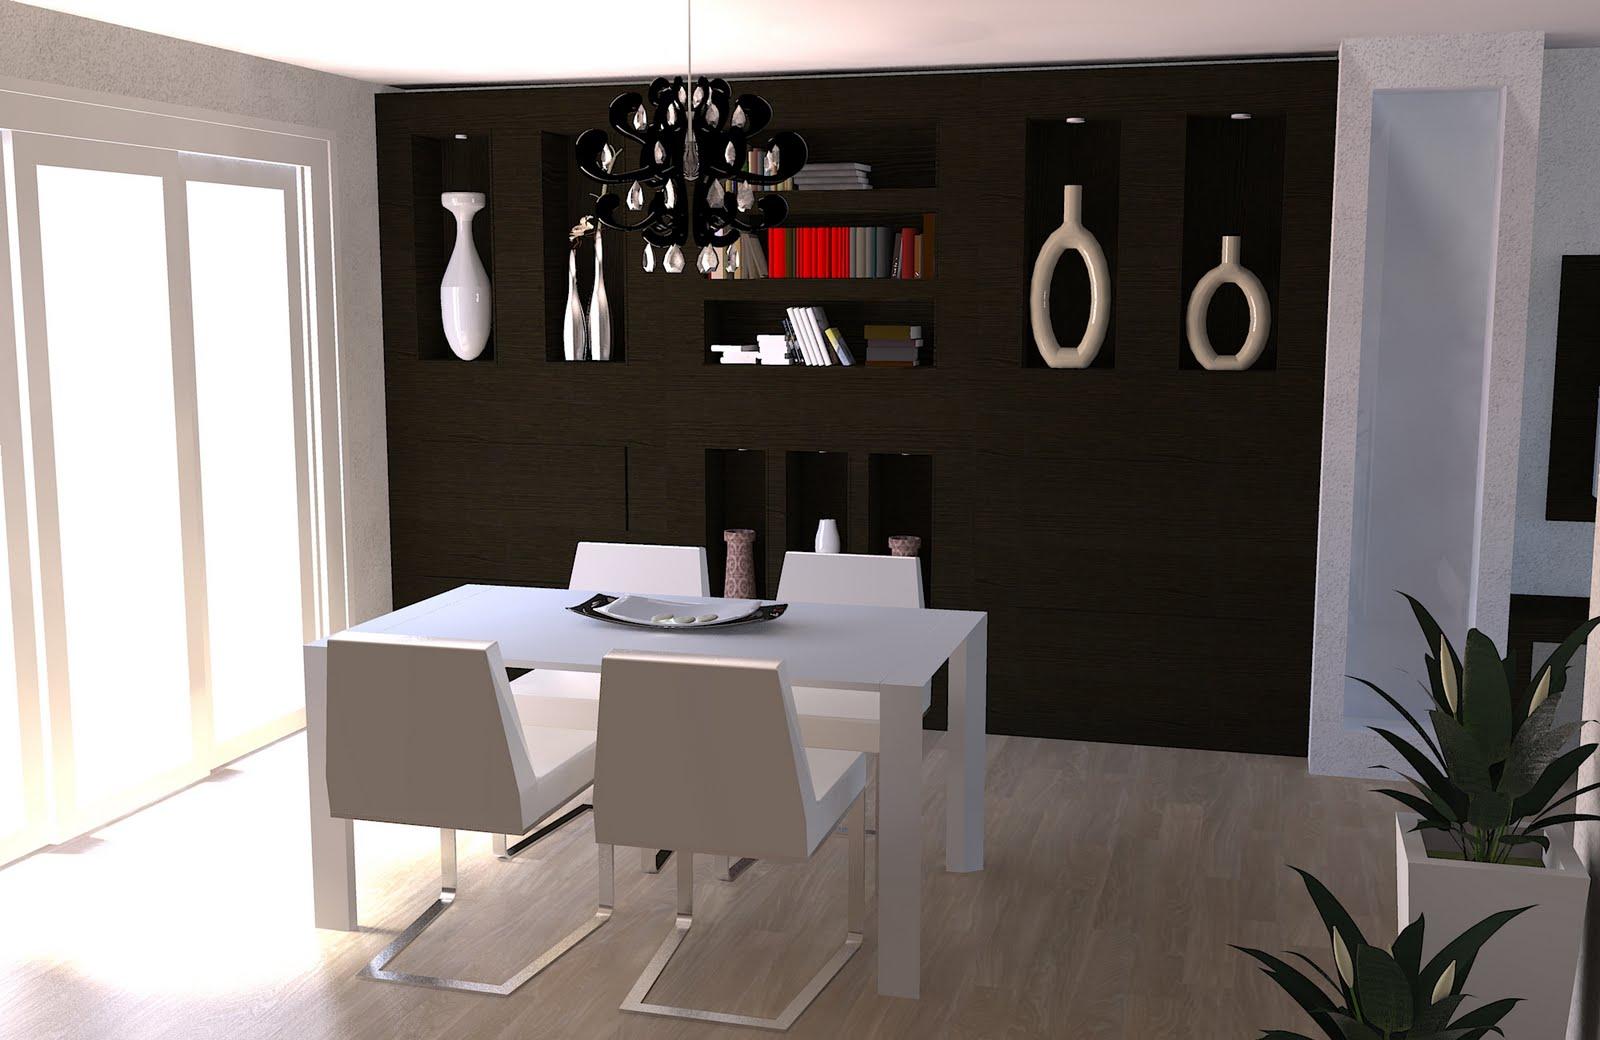 Arredamento Interni Blog: Blog di arredamento e interni dettagli home ...